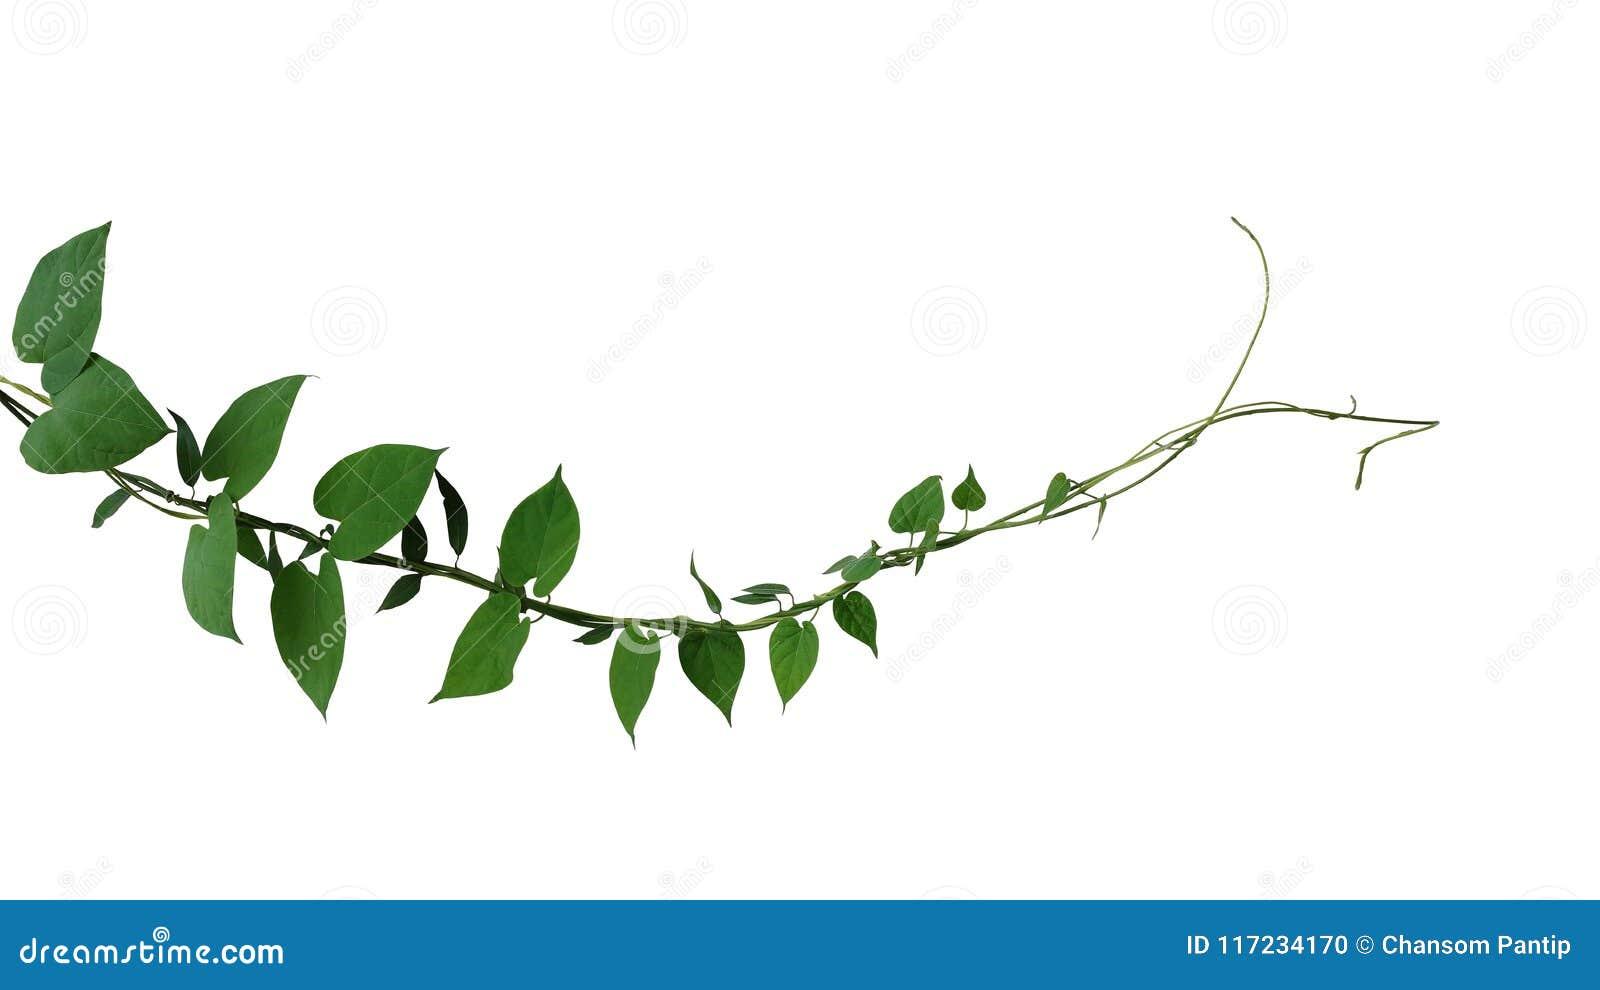 La hoja verde oscuro en forma de corazón torció subir de la liana de las vides de la selva